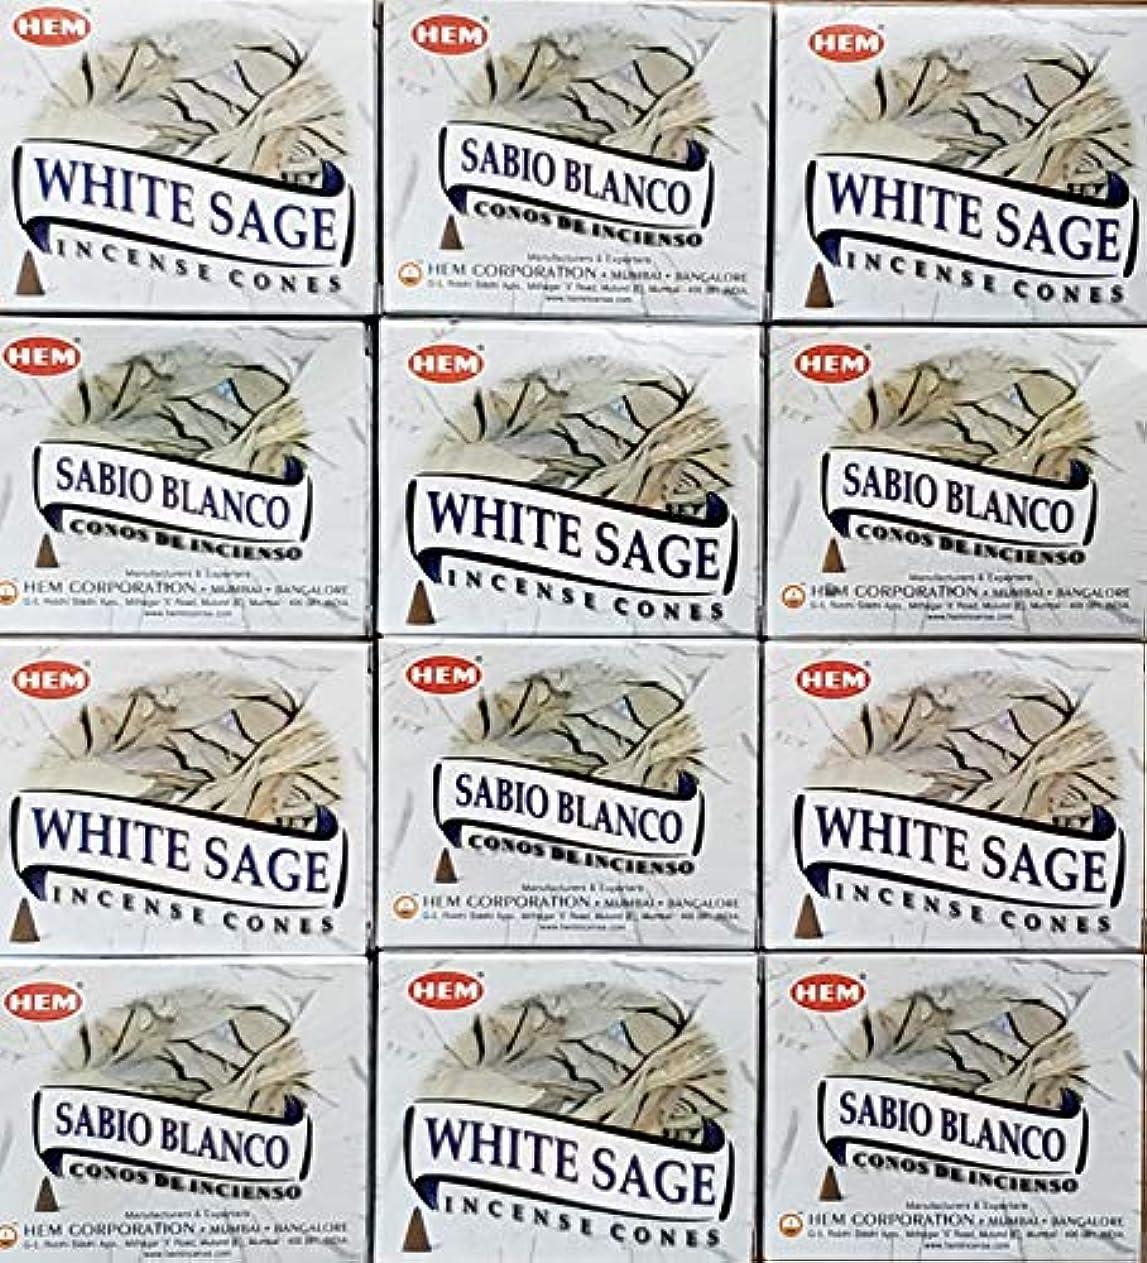 ベアリングサークル取得秀でるお香 ホワイトセージ 12箱入り コーンタイプ 送料無料